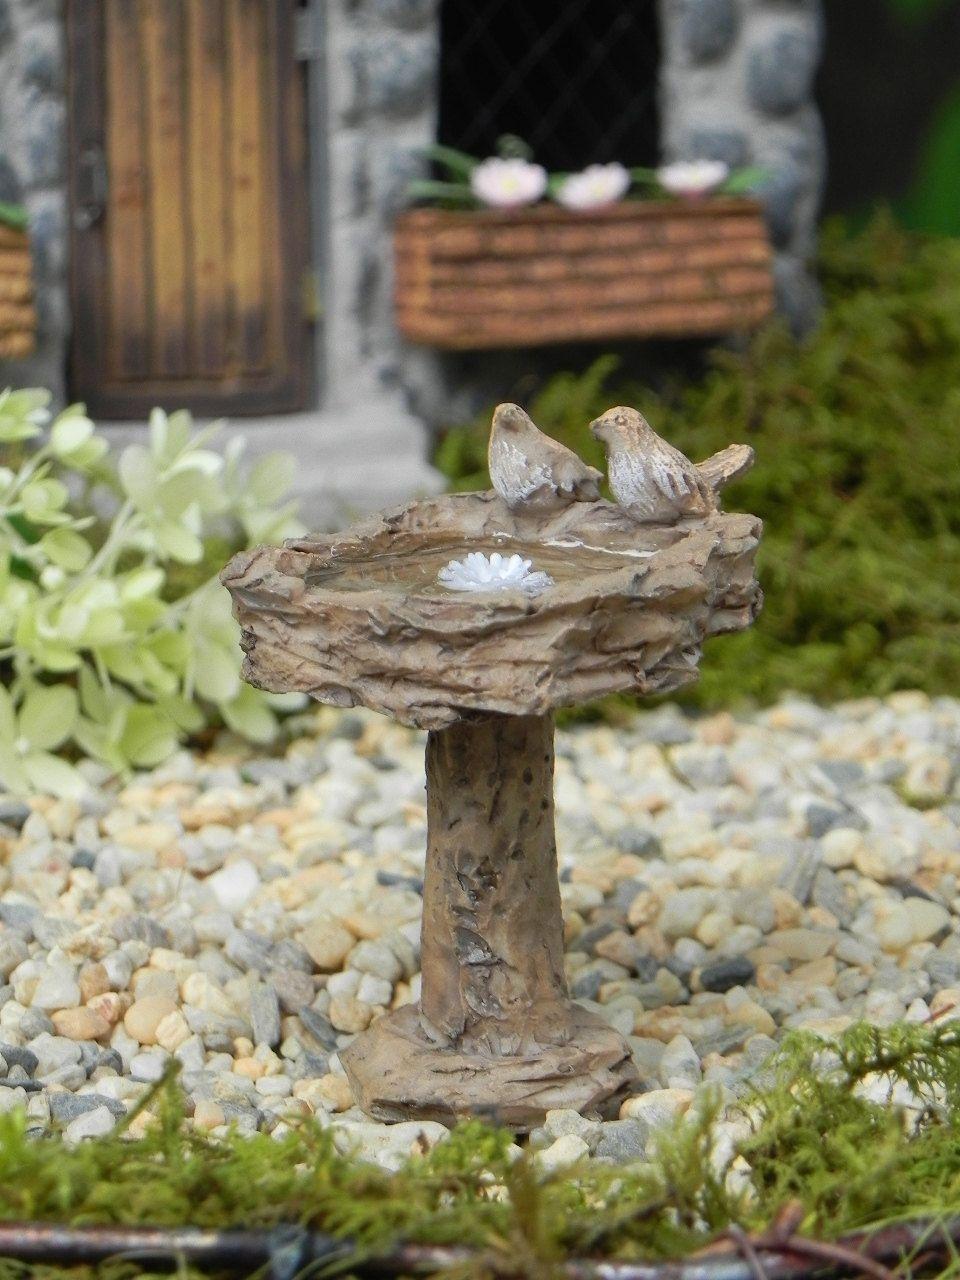 Fairy garden accessories birdbath with bird and water effect